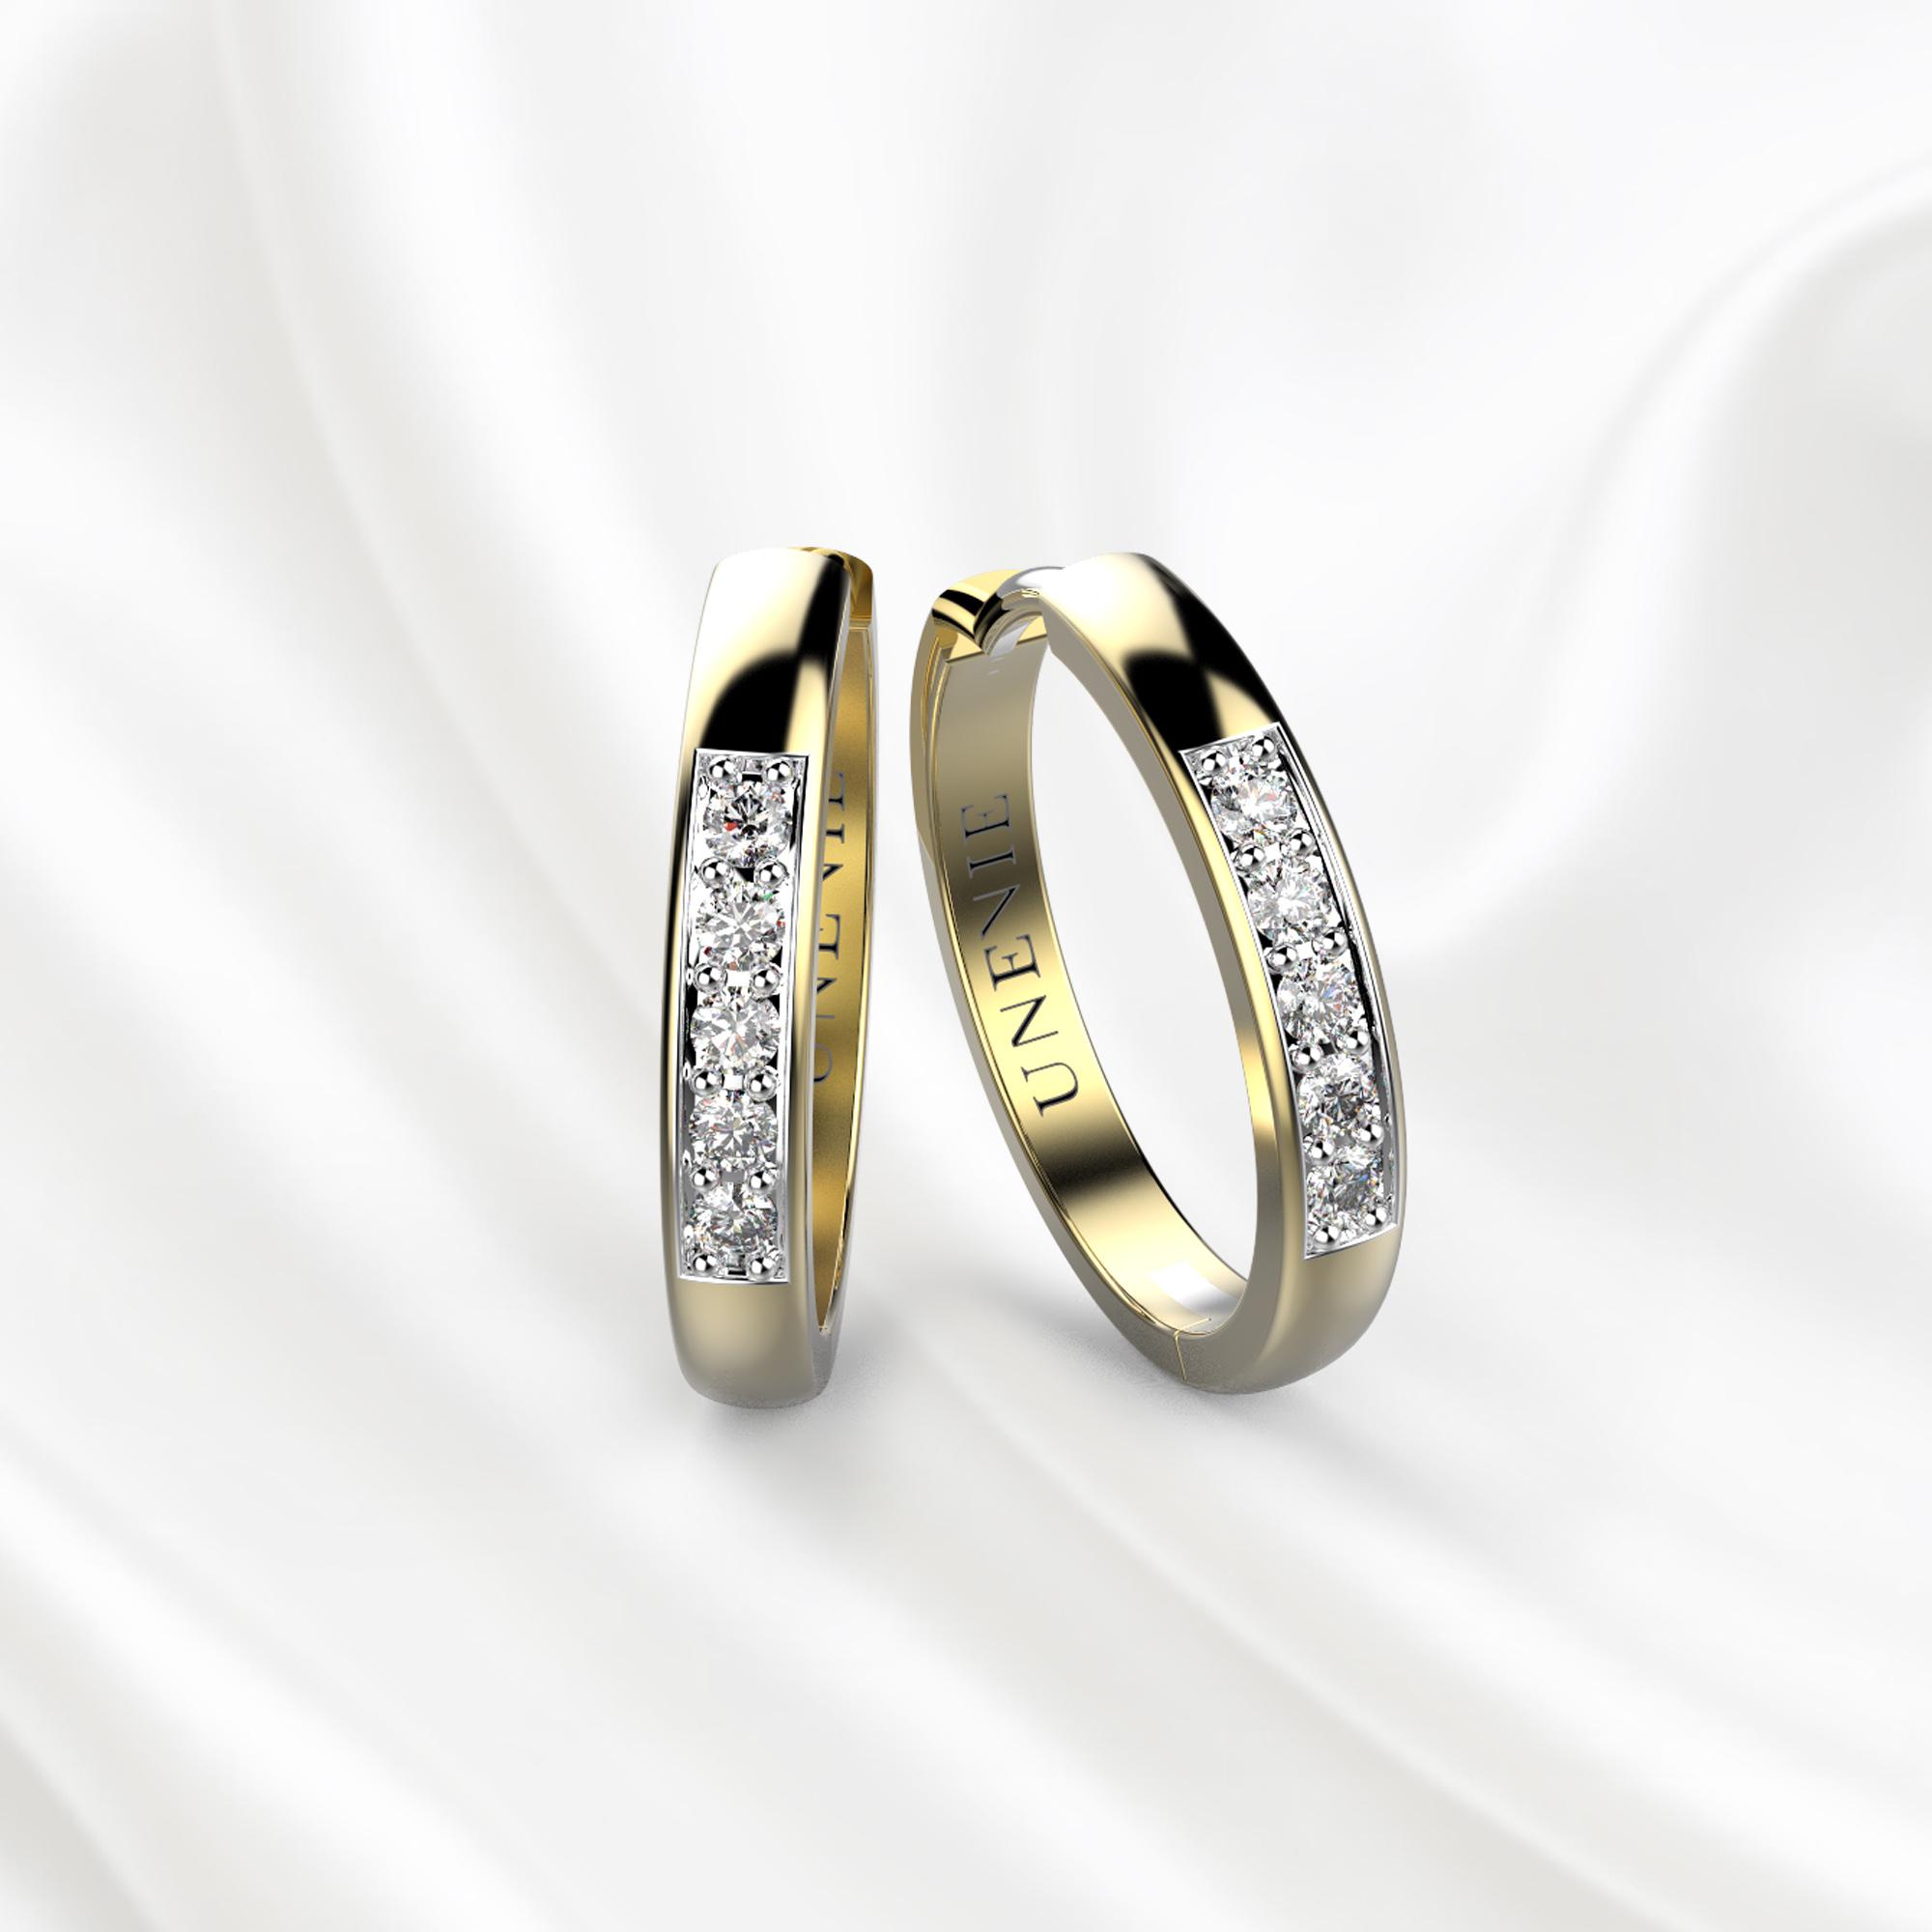 S8 Серьги из желтого золота с бриллиантами